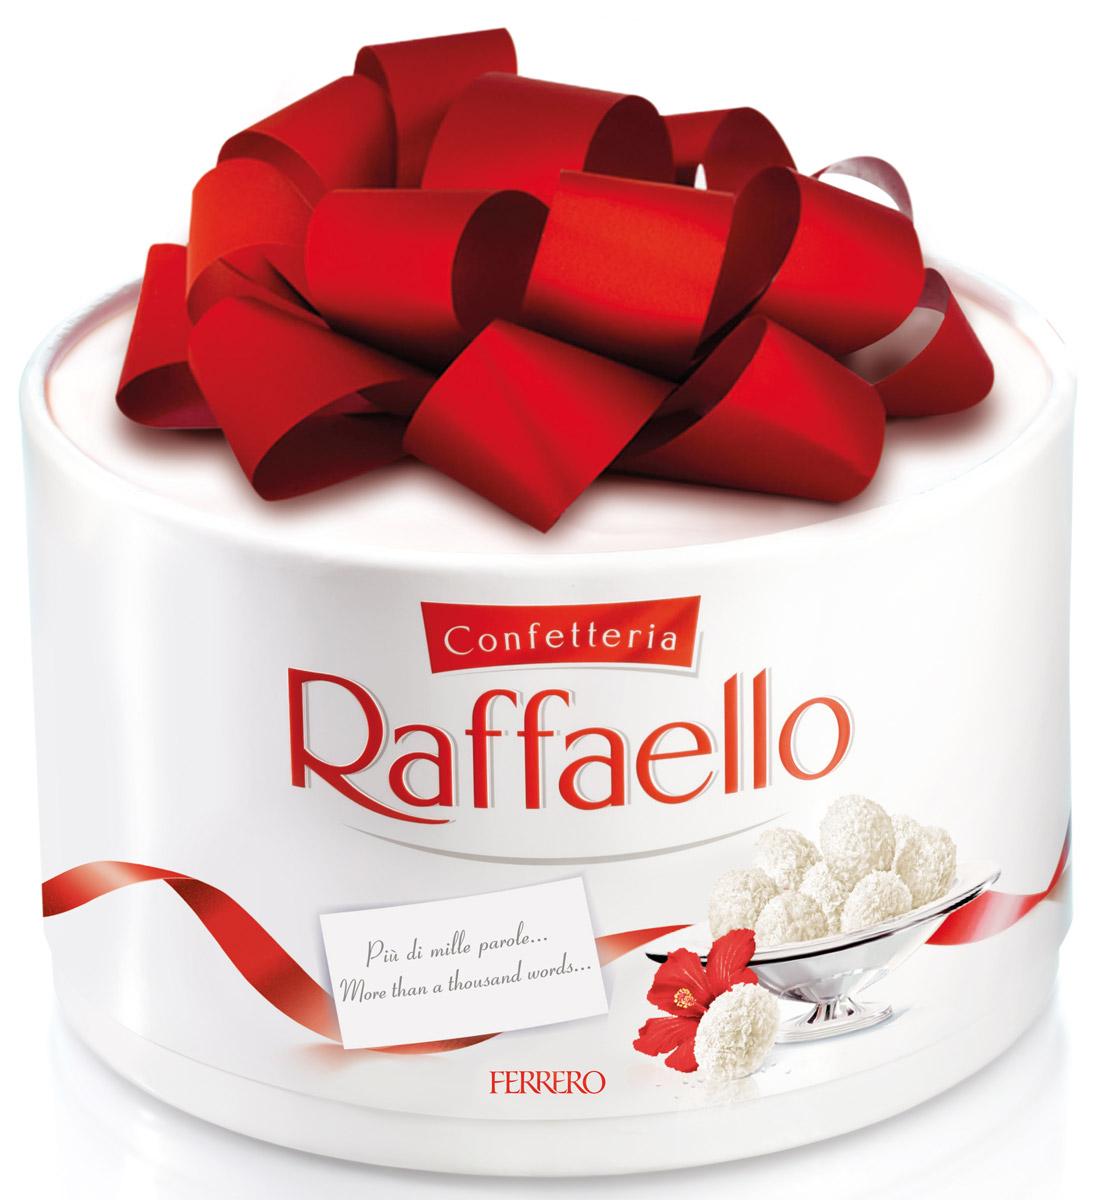 Raffaello конфеты с цельным миндальным орехом в кокосовой обсыпке, 600 г77115583/77098326/77085047Конфеты Раффаэлло с цельным миндальным орехом в кокосовой обсыпке.